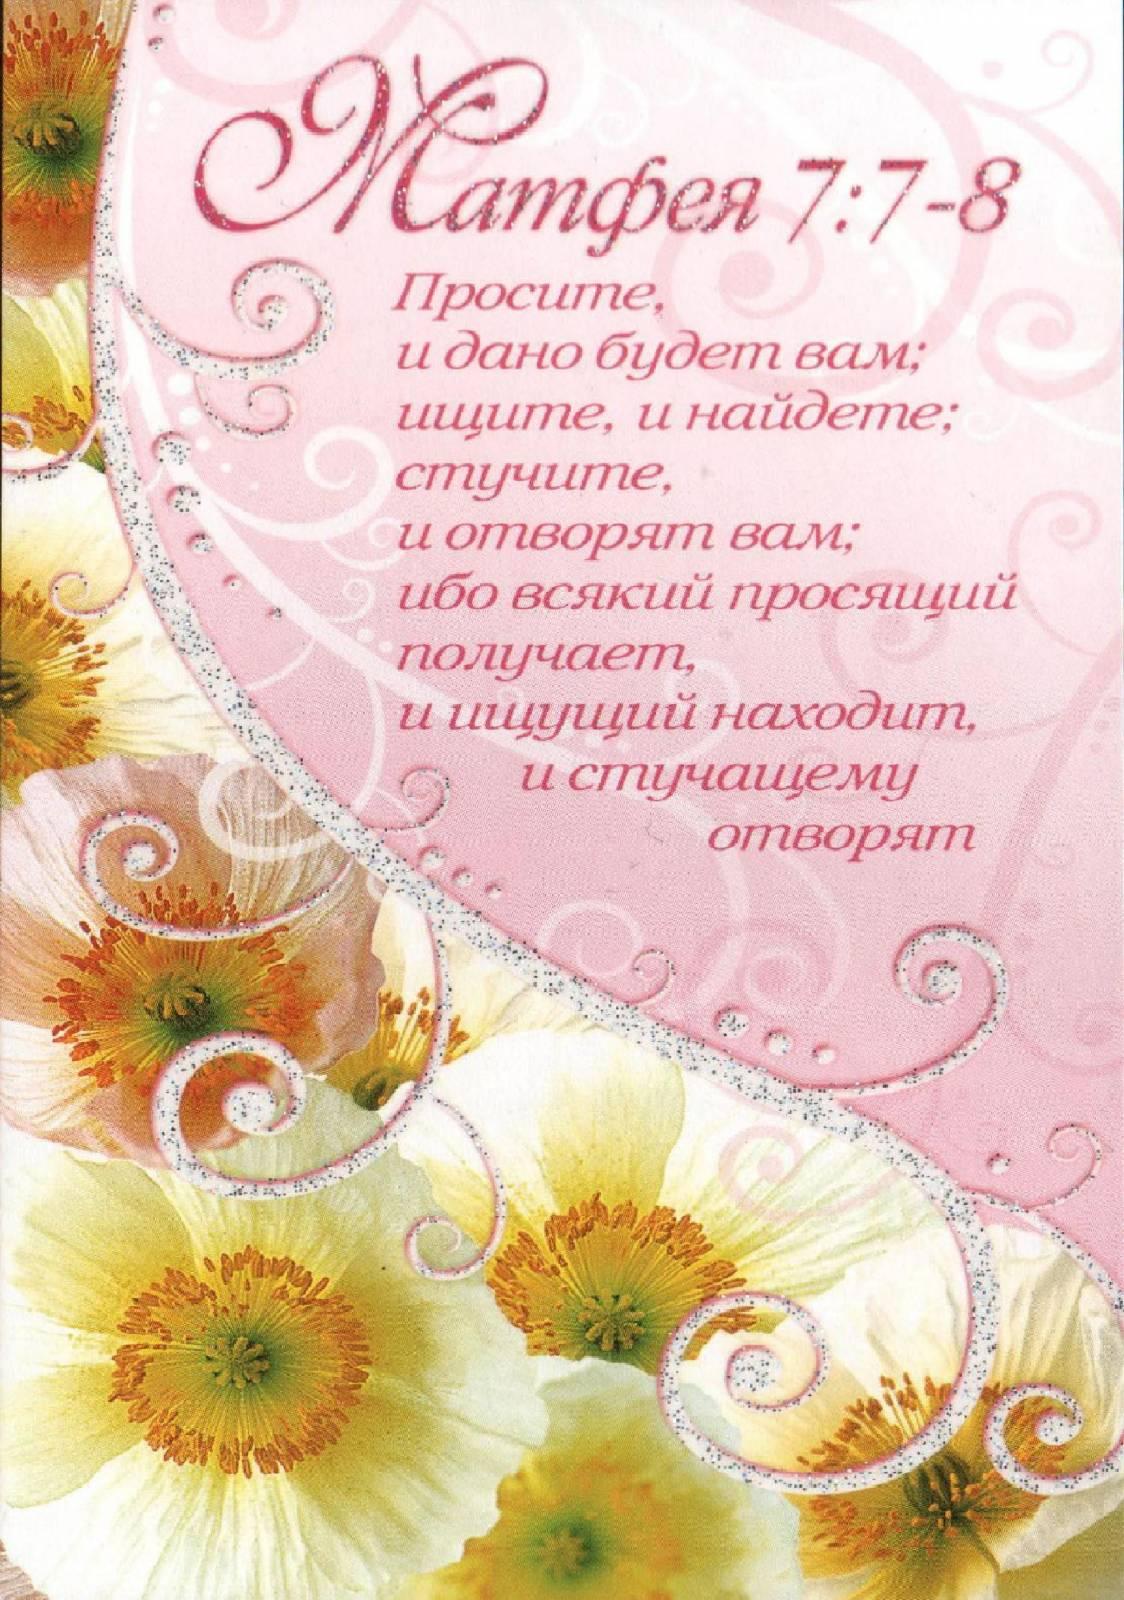 Христианские открытки поздравления с днем рождения открытки